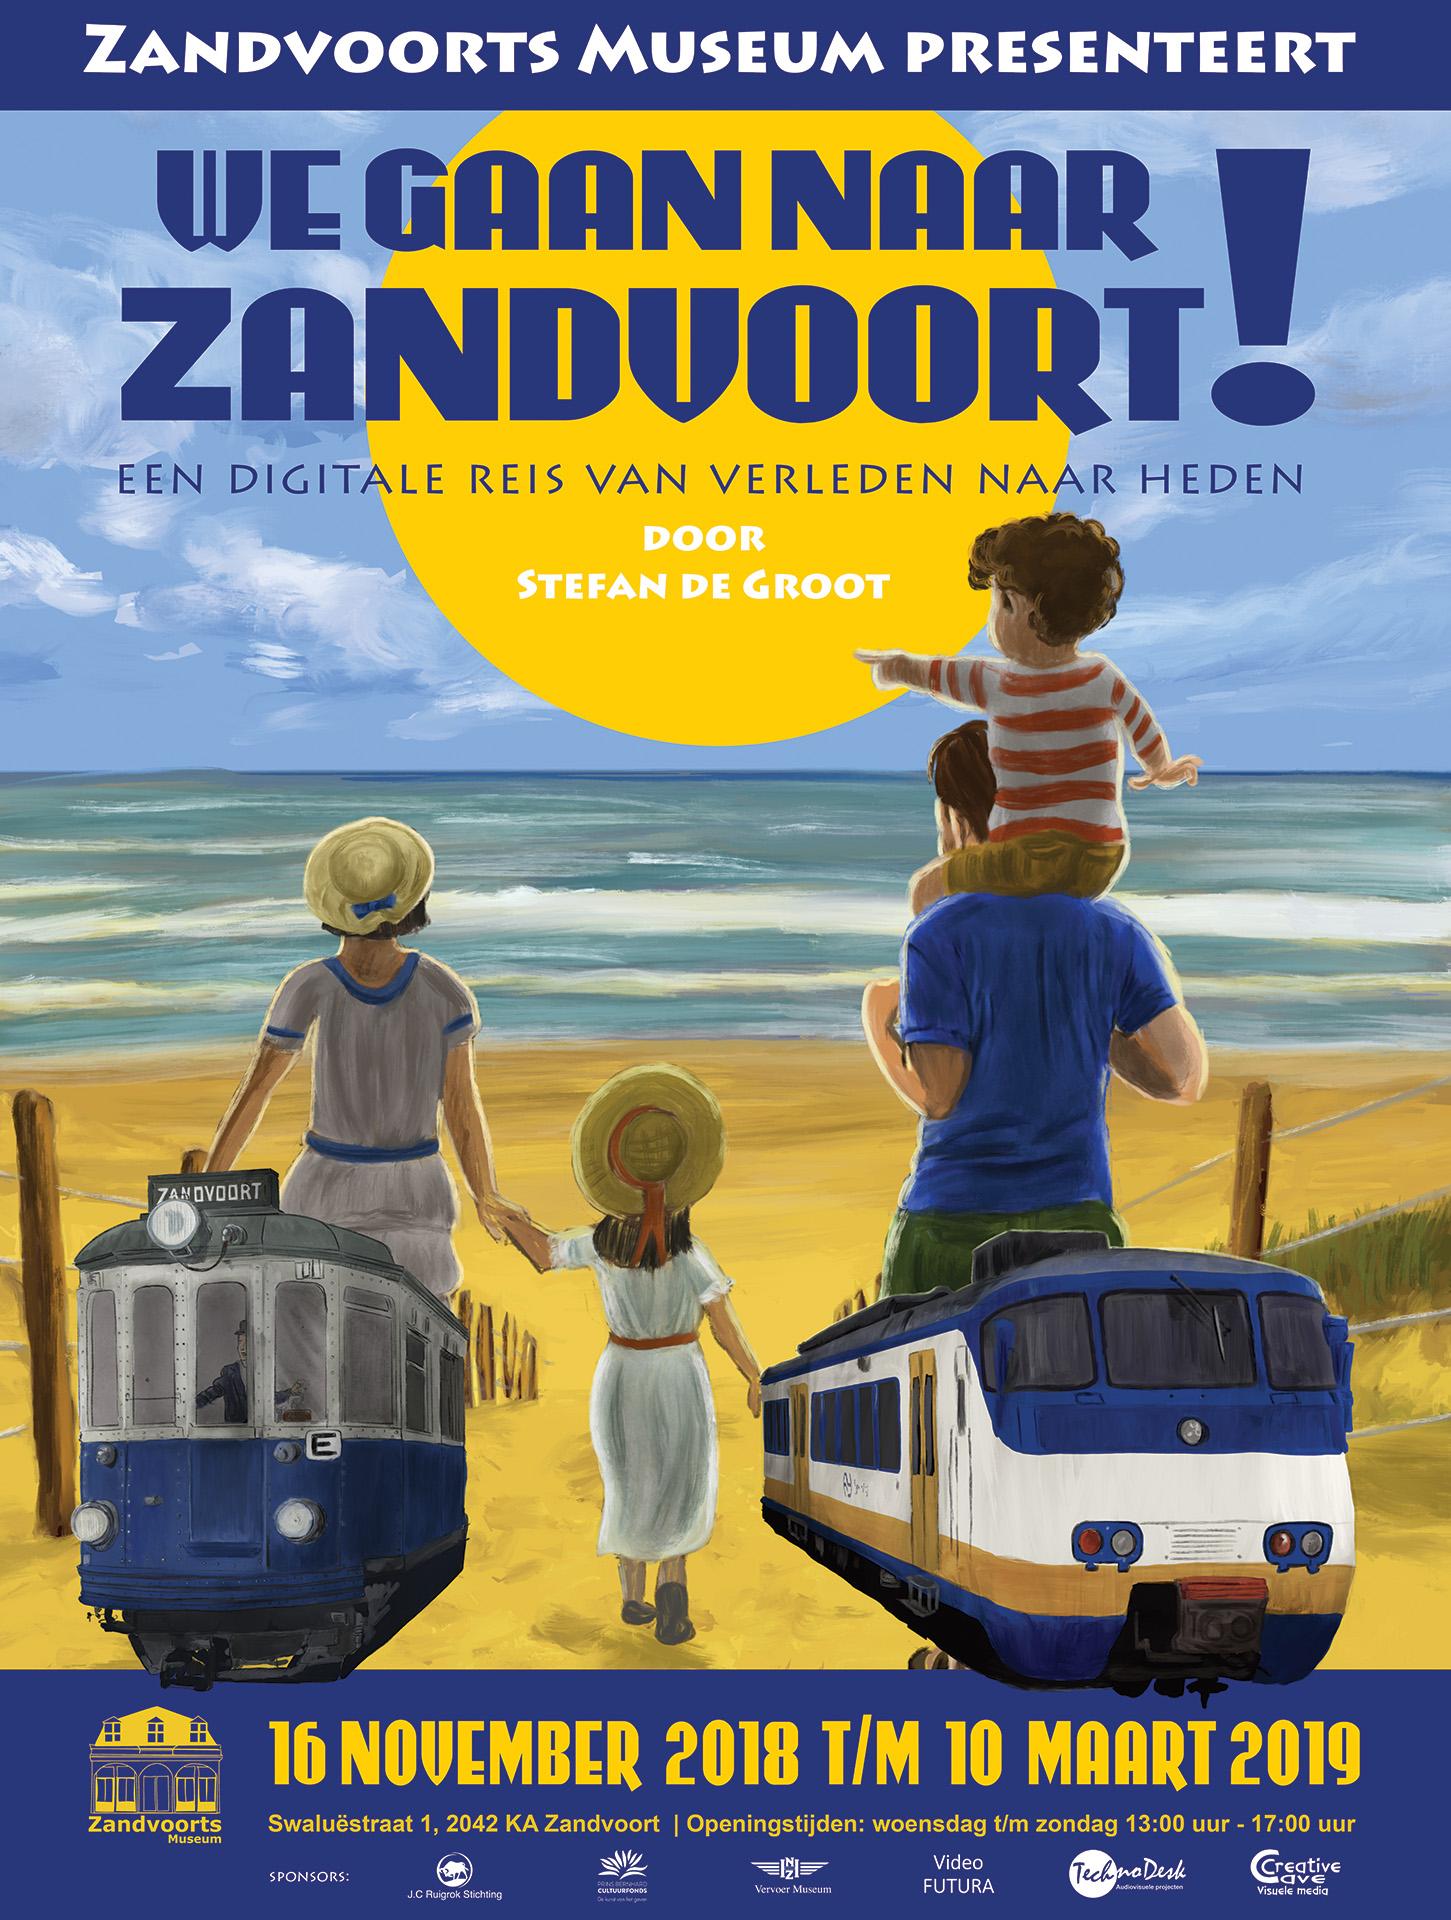 We gaan naar Zandvoort poster